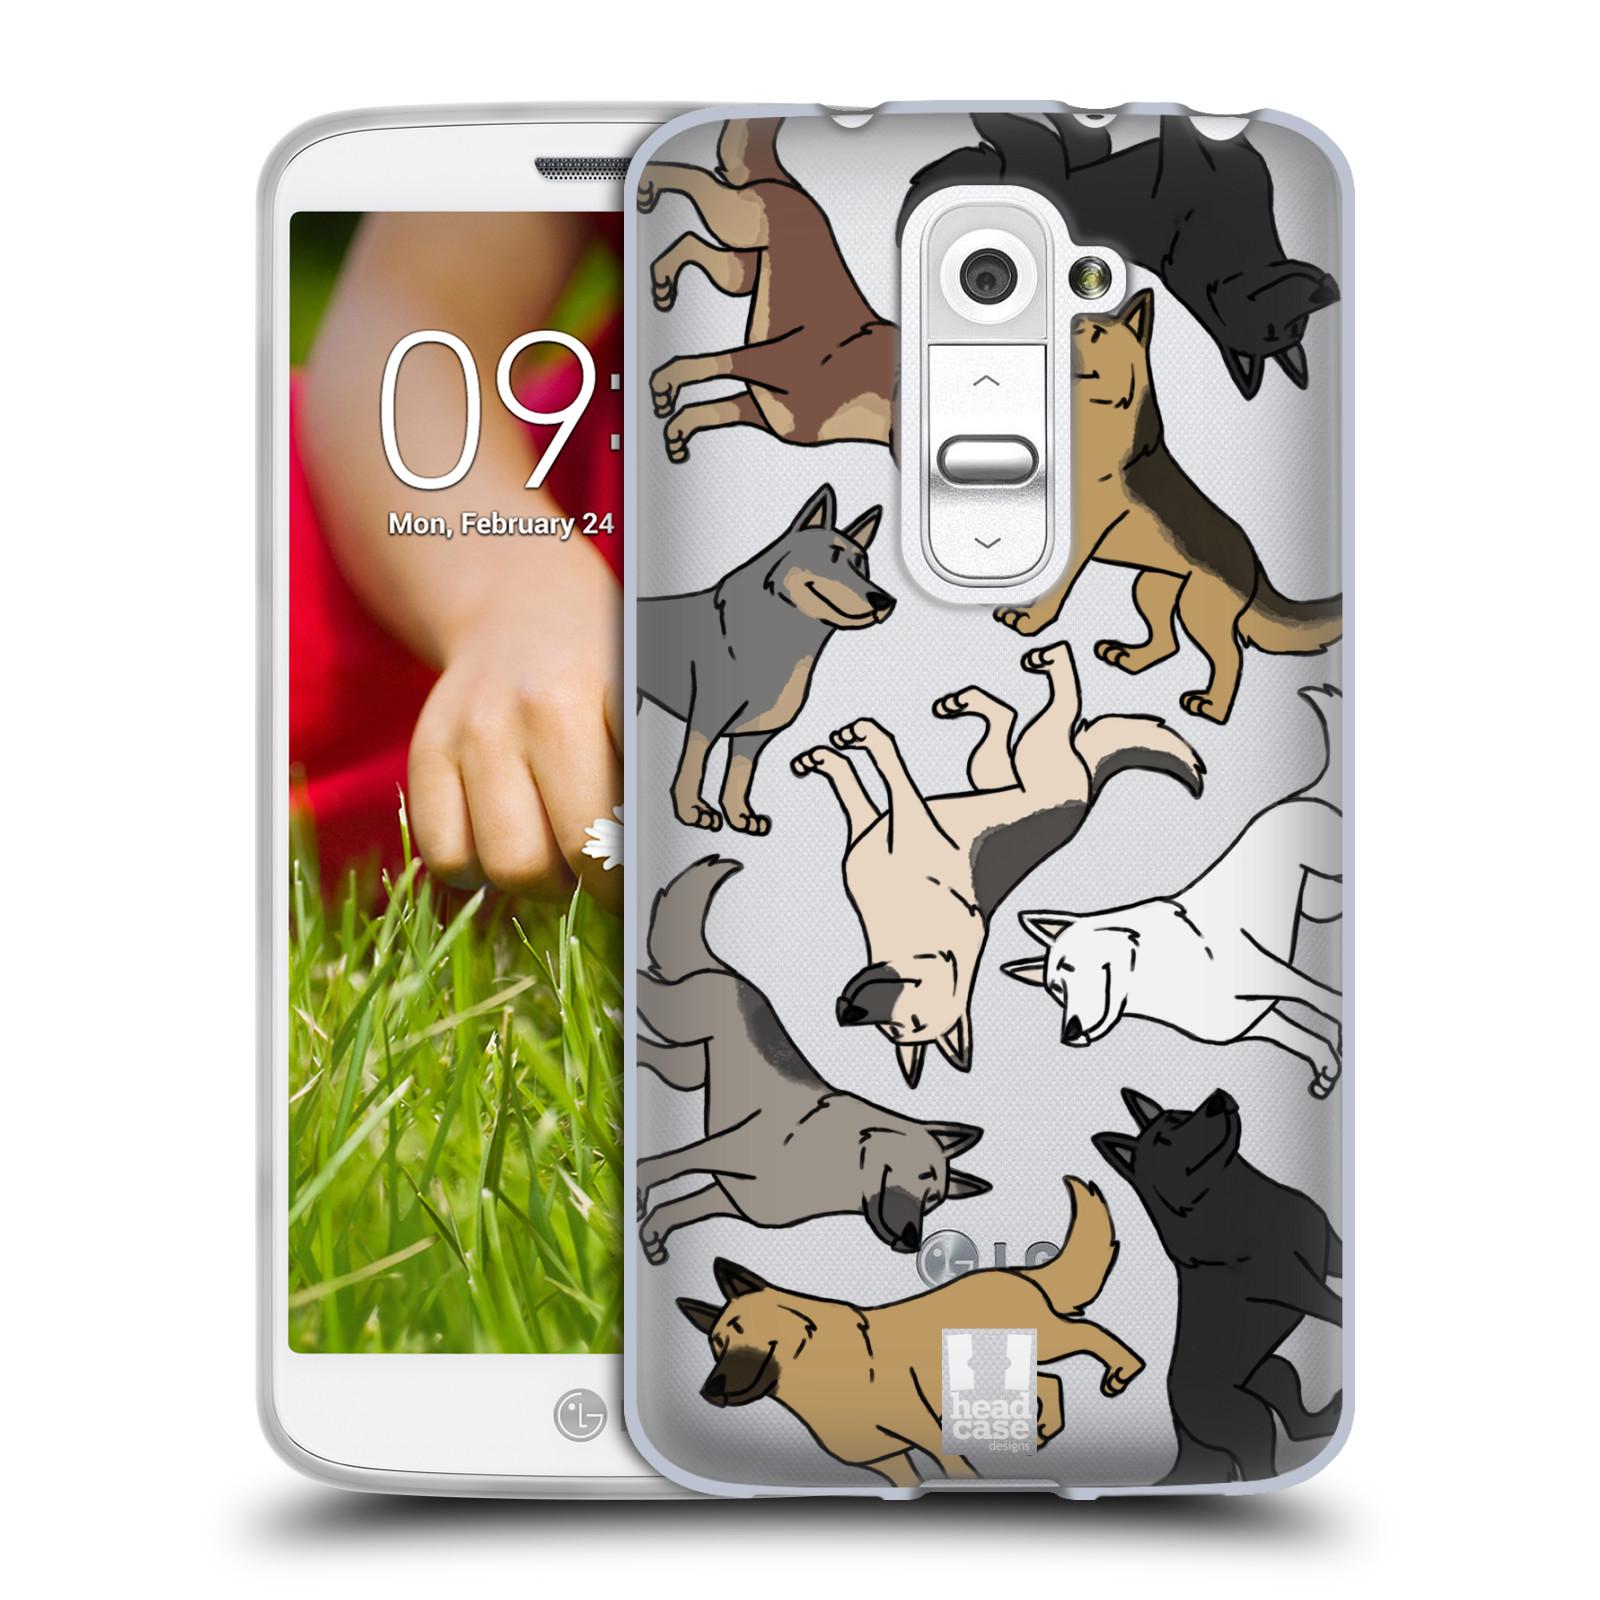 Silikonové pouzdro na mobil LG G2 Mini Head Case - Něměcký ovčák (Silikonový kryt či obal na mobilní telefon s motivem německých ovčáků pro LG G2 Mini D620)